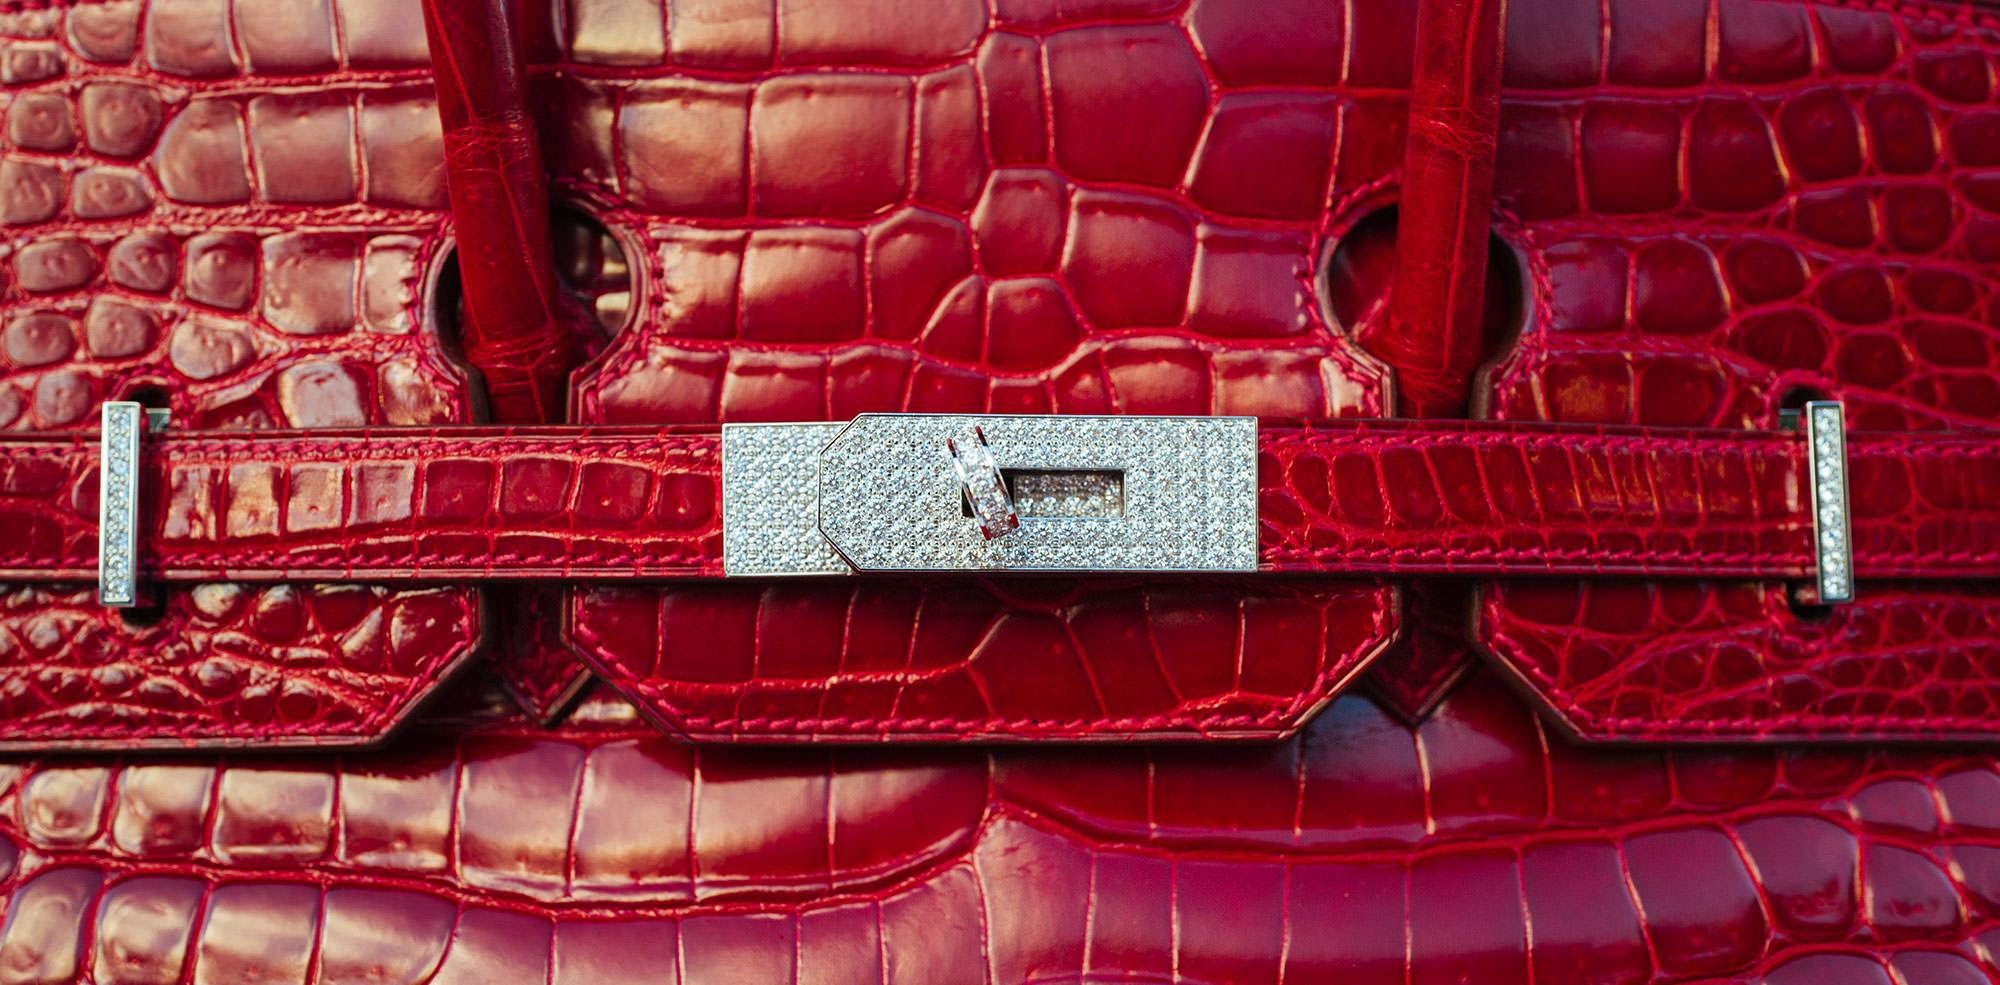 hermes birkin bag online shop blog